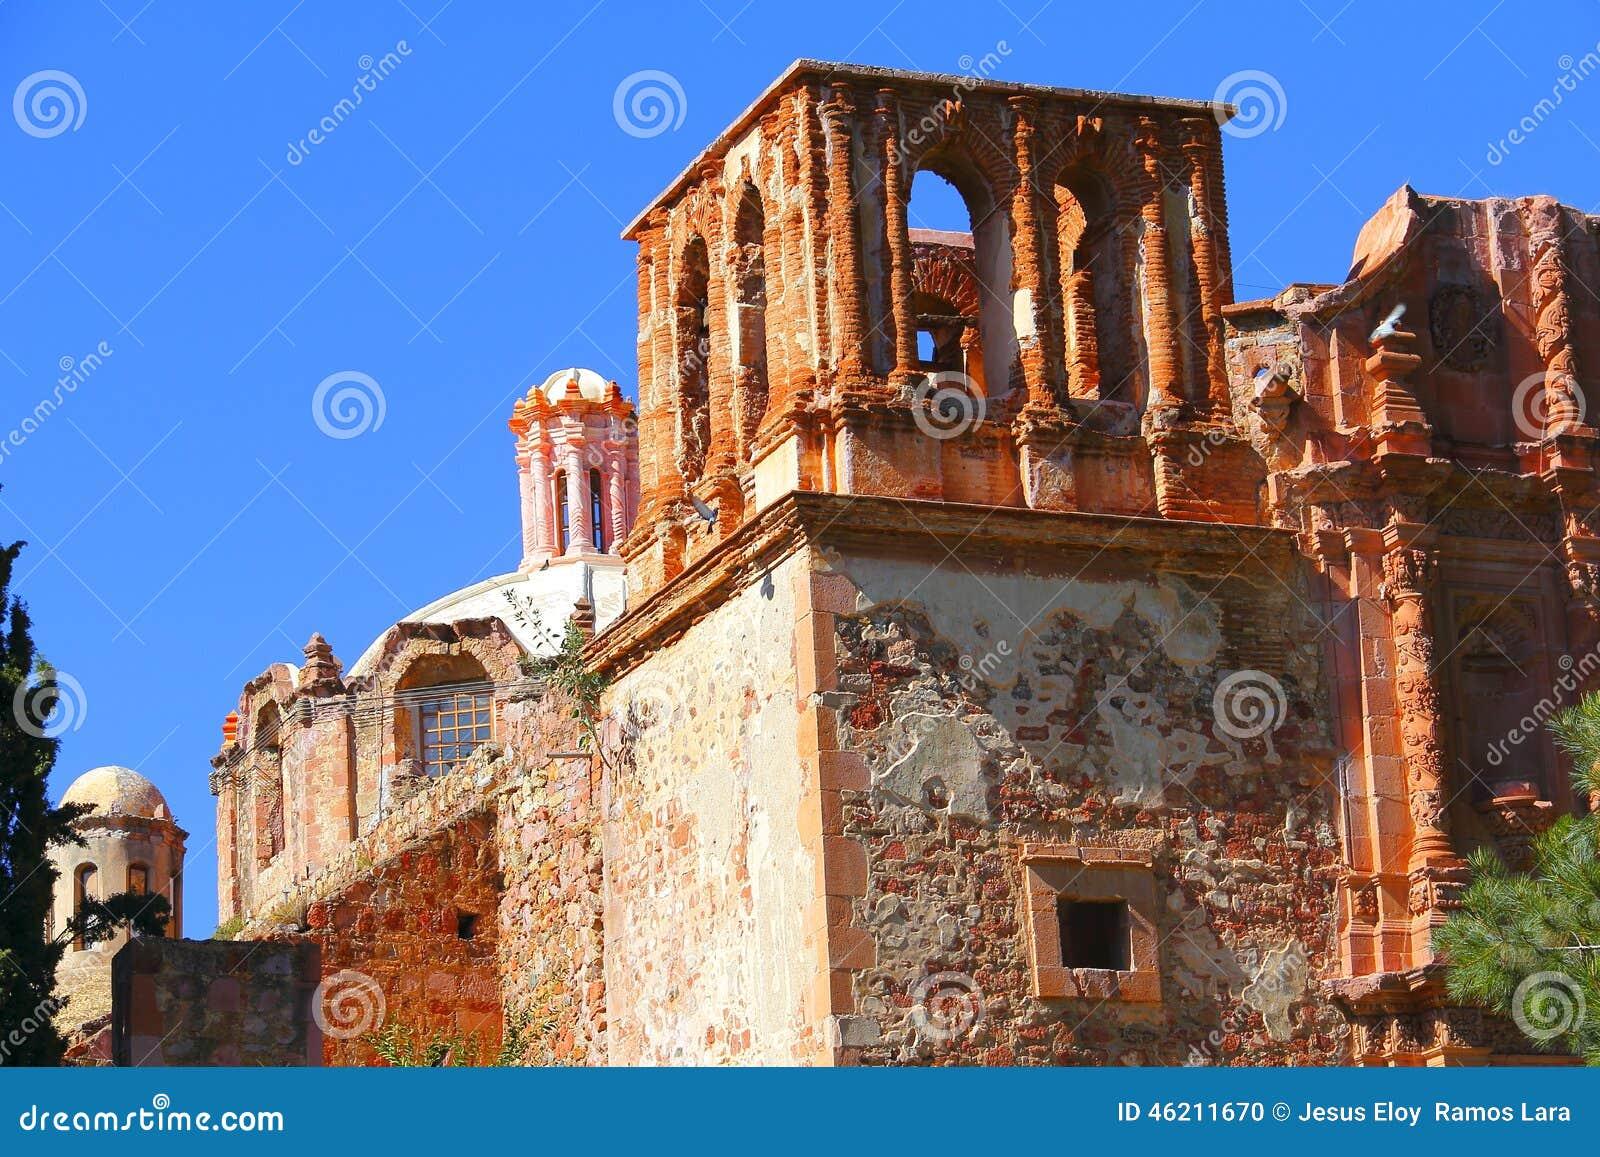 Church ruins I